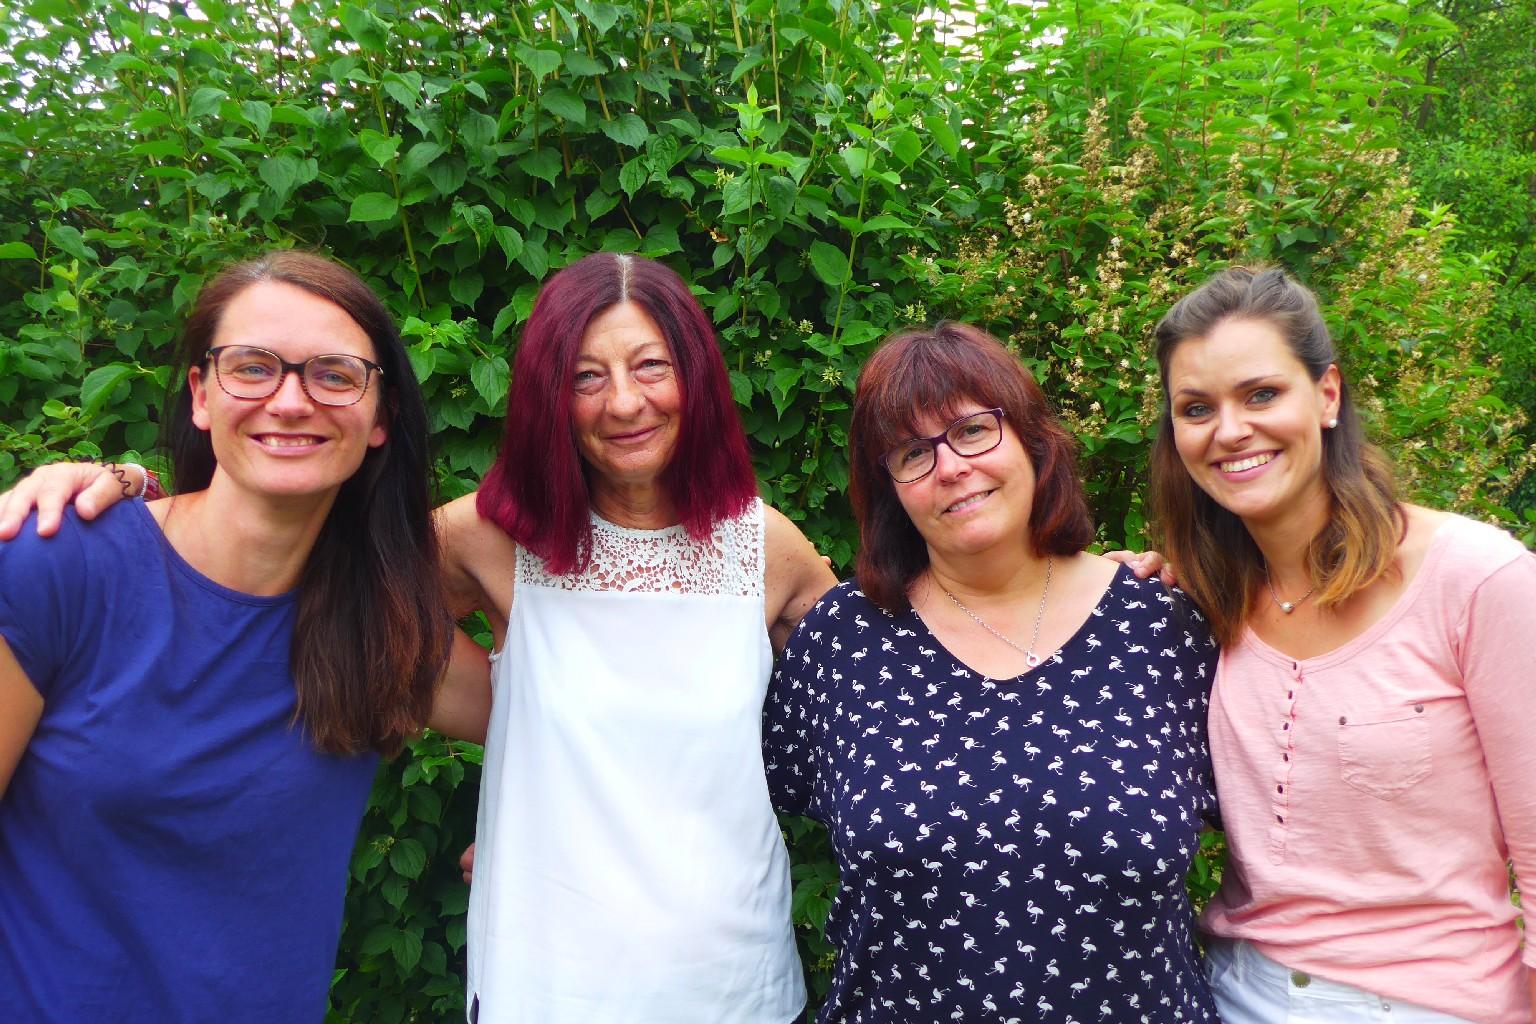 Erzieherinnen der 3. Klassen - Frau Küster, Frau Bühring, Frau Zwetkoff, Frau Müller